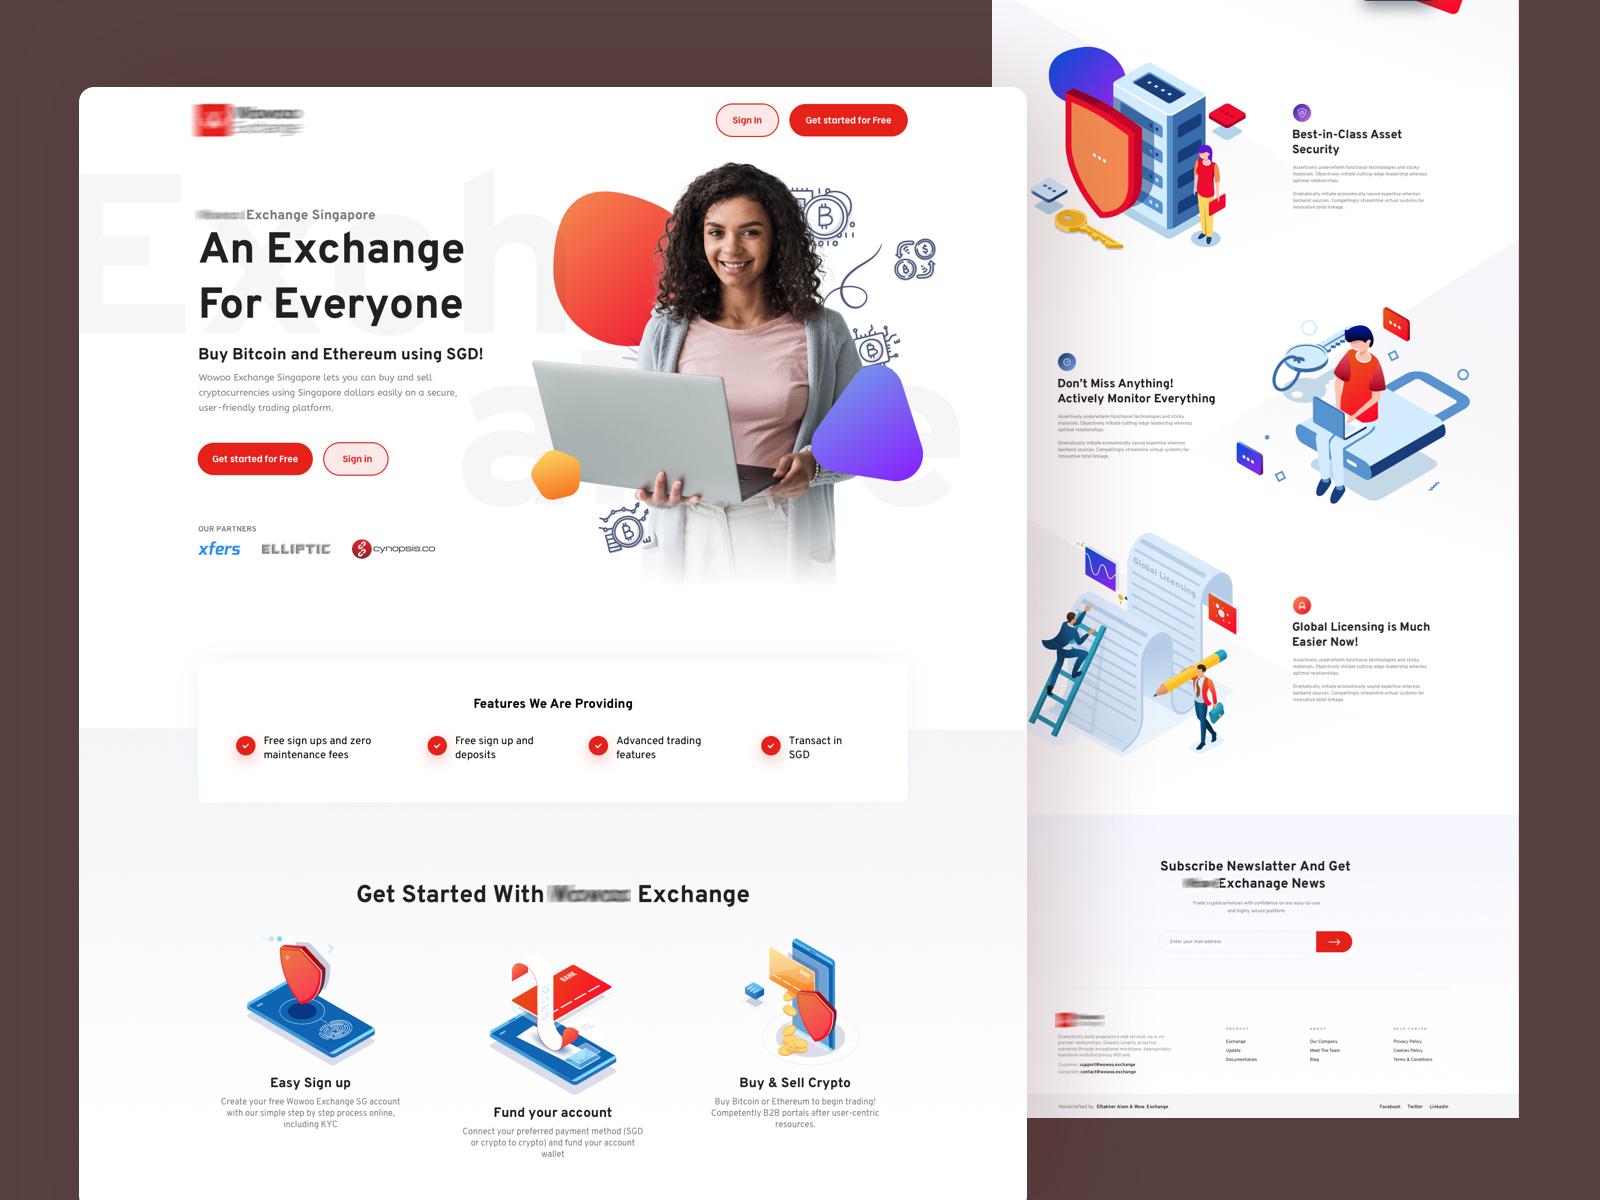 ethereum exchange singapore